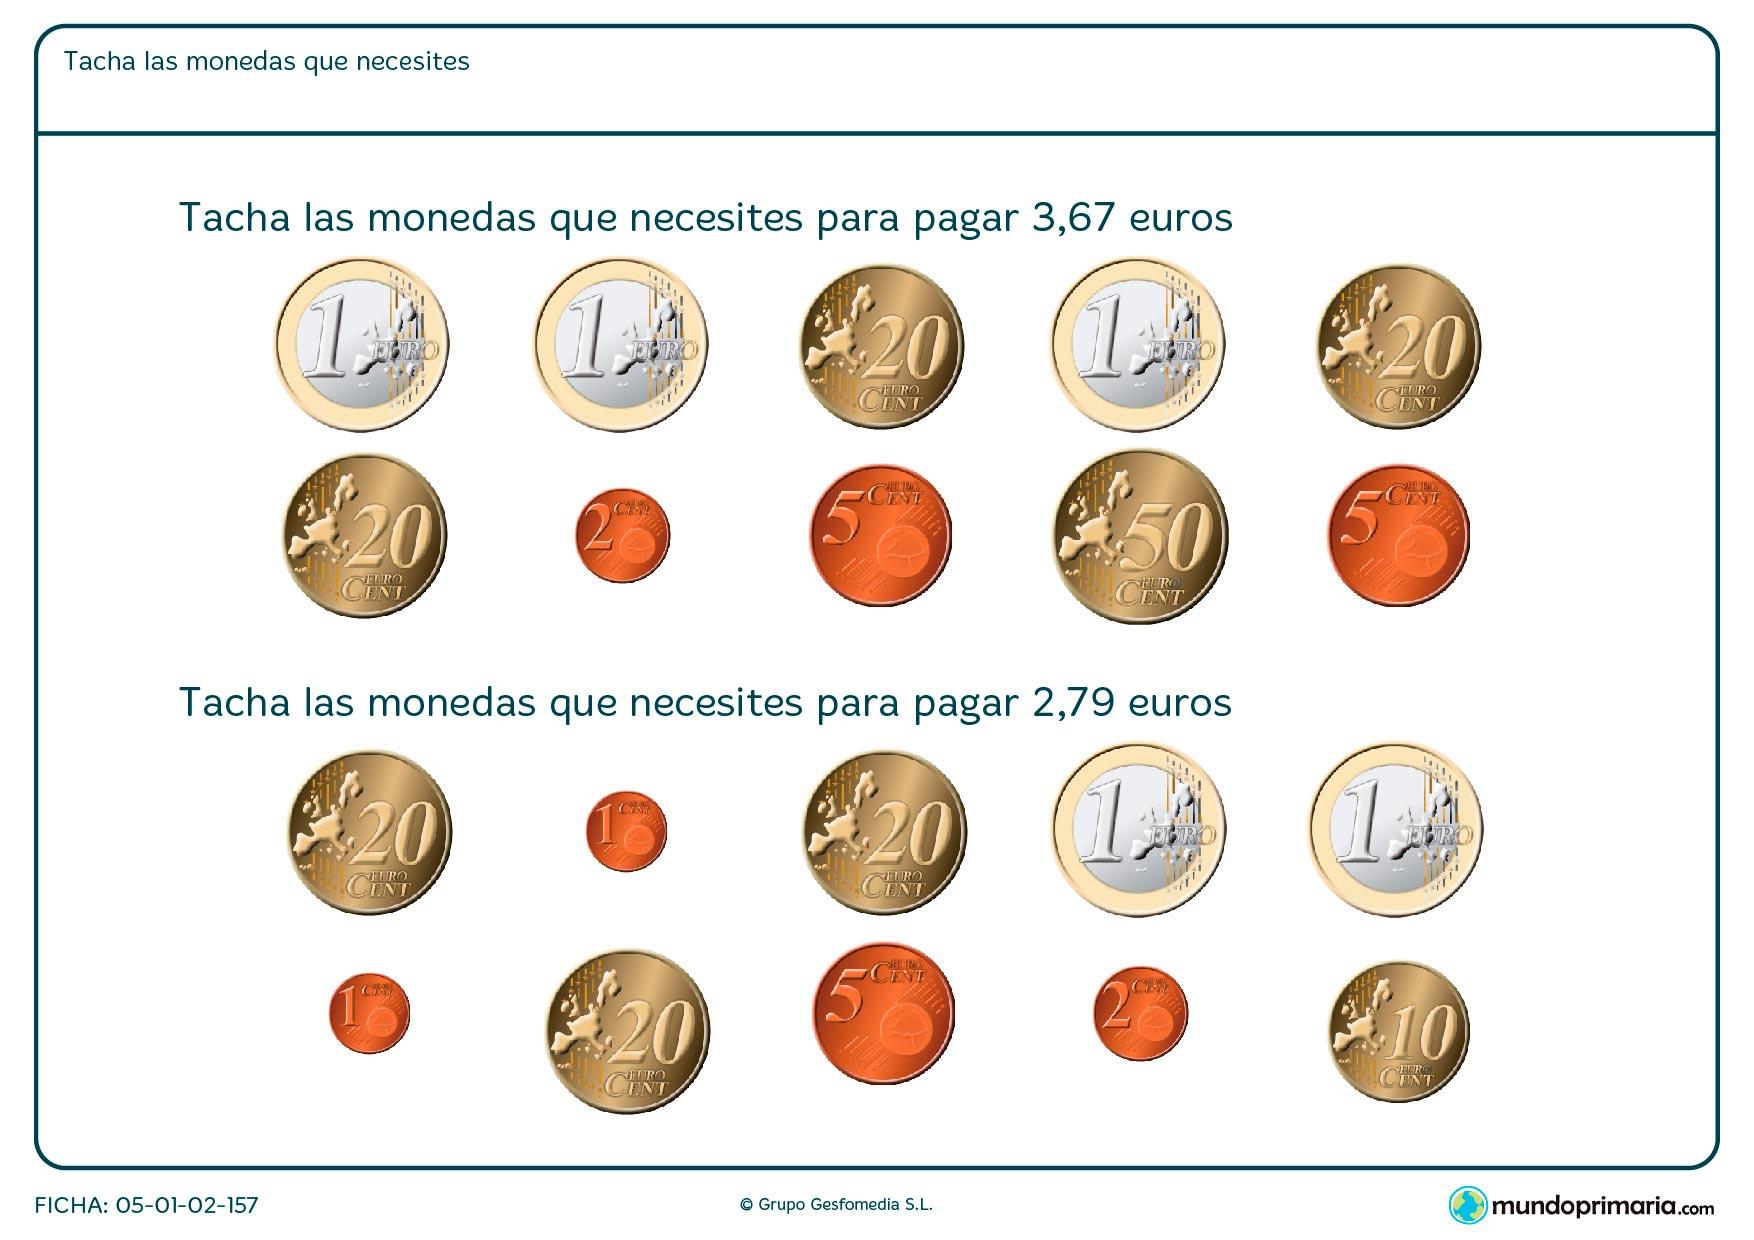 Elegir las monedas que se presentan en la ficha hasta llegar al total que pide el enunciado del ejercicio